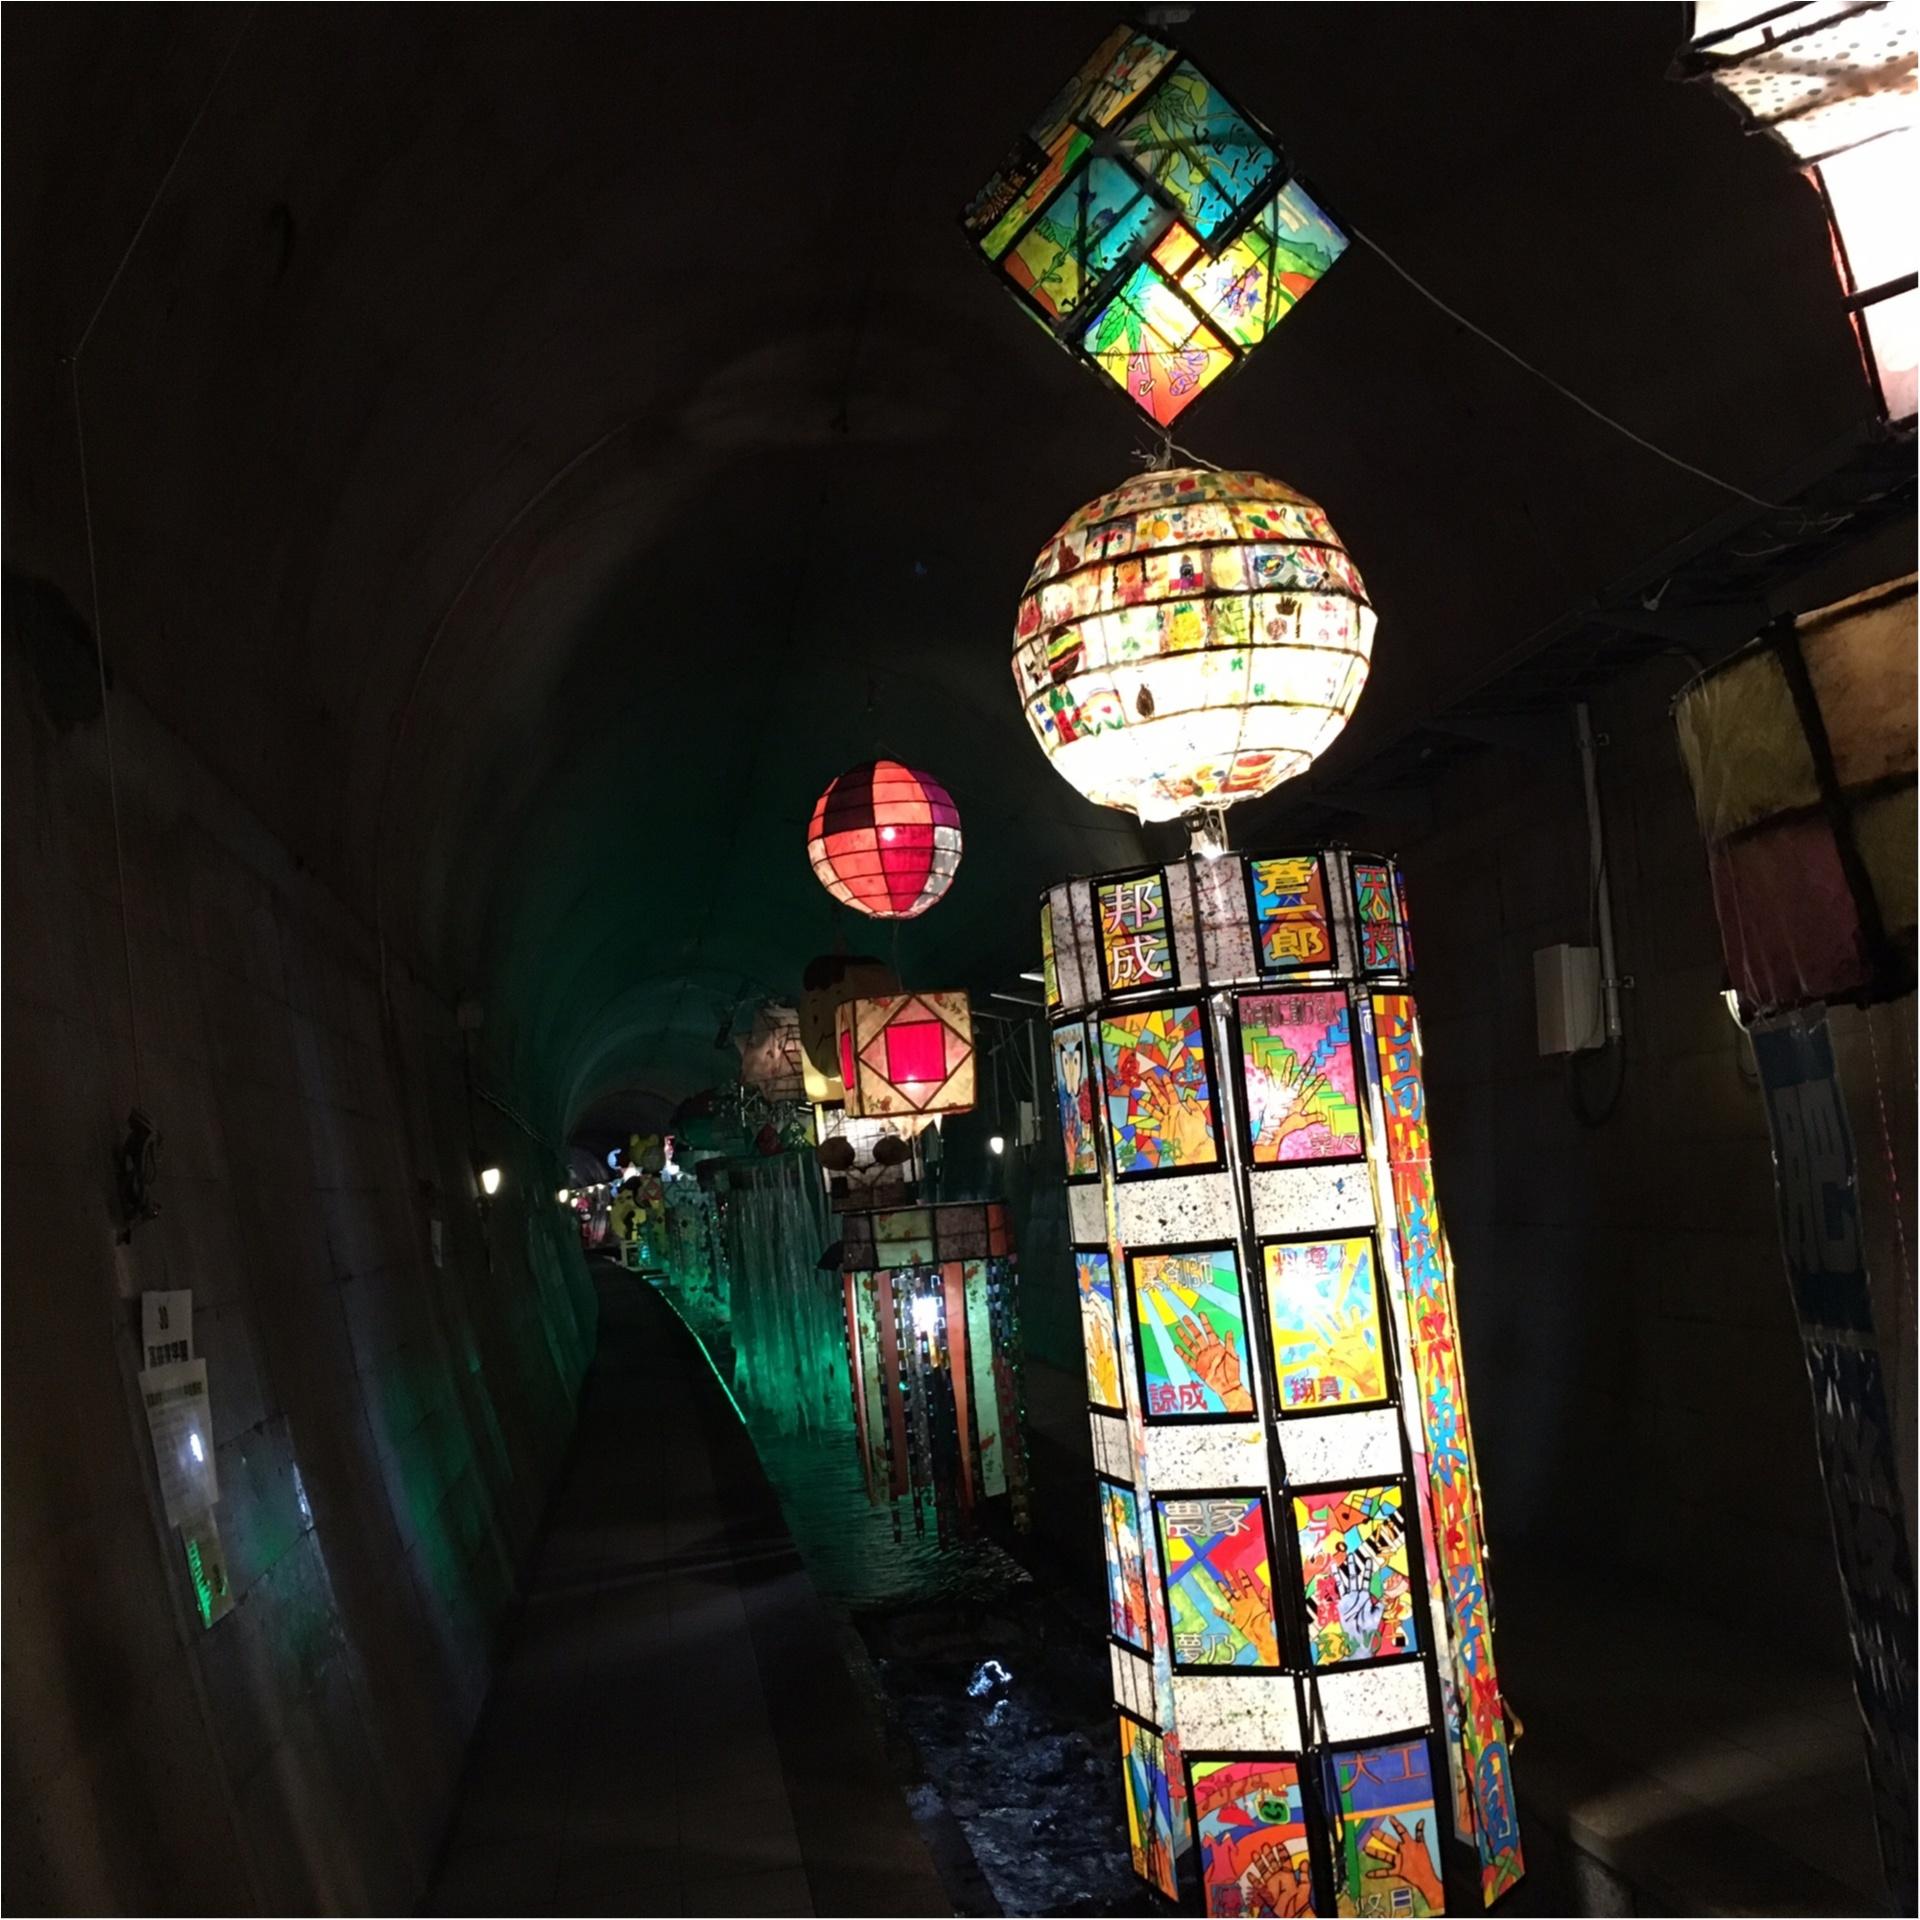 【動画で紹介!】熊本 阿蘇の「高森湧水トンネル」は幻想的なトンネルでデートにもオススメなんです!【#モアチャレ 熊本の魅力発信!】_1